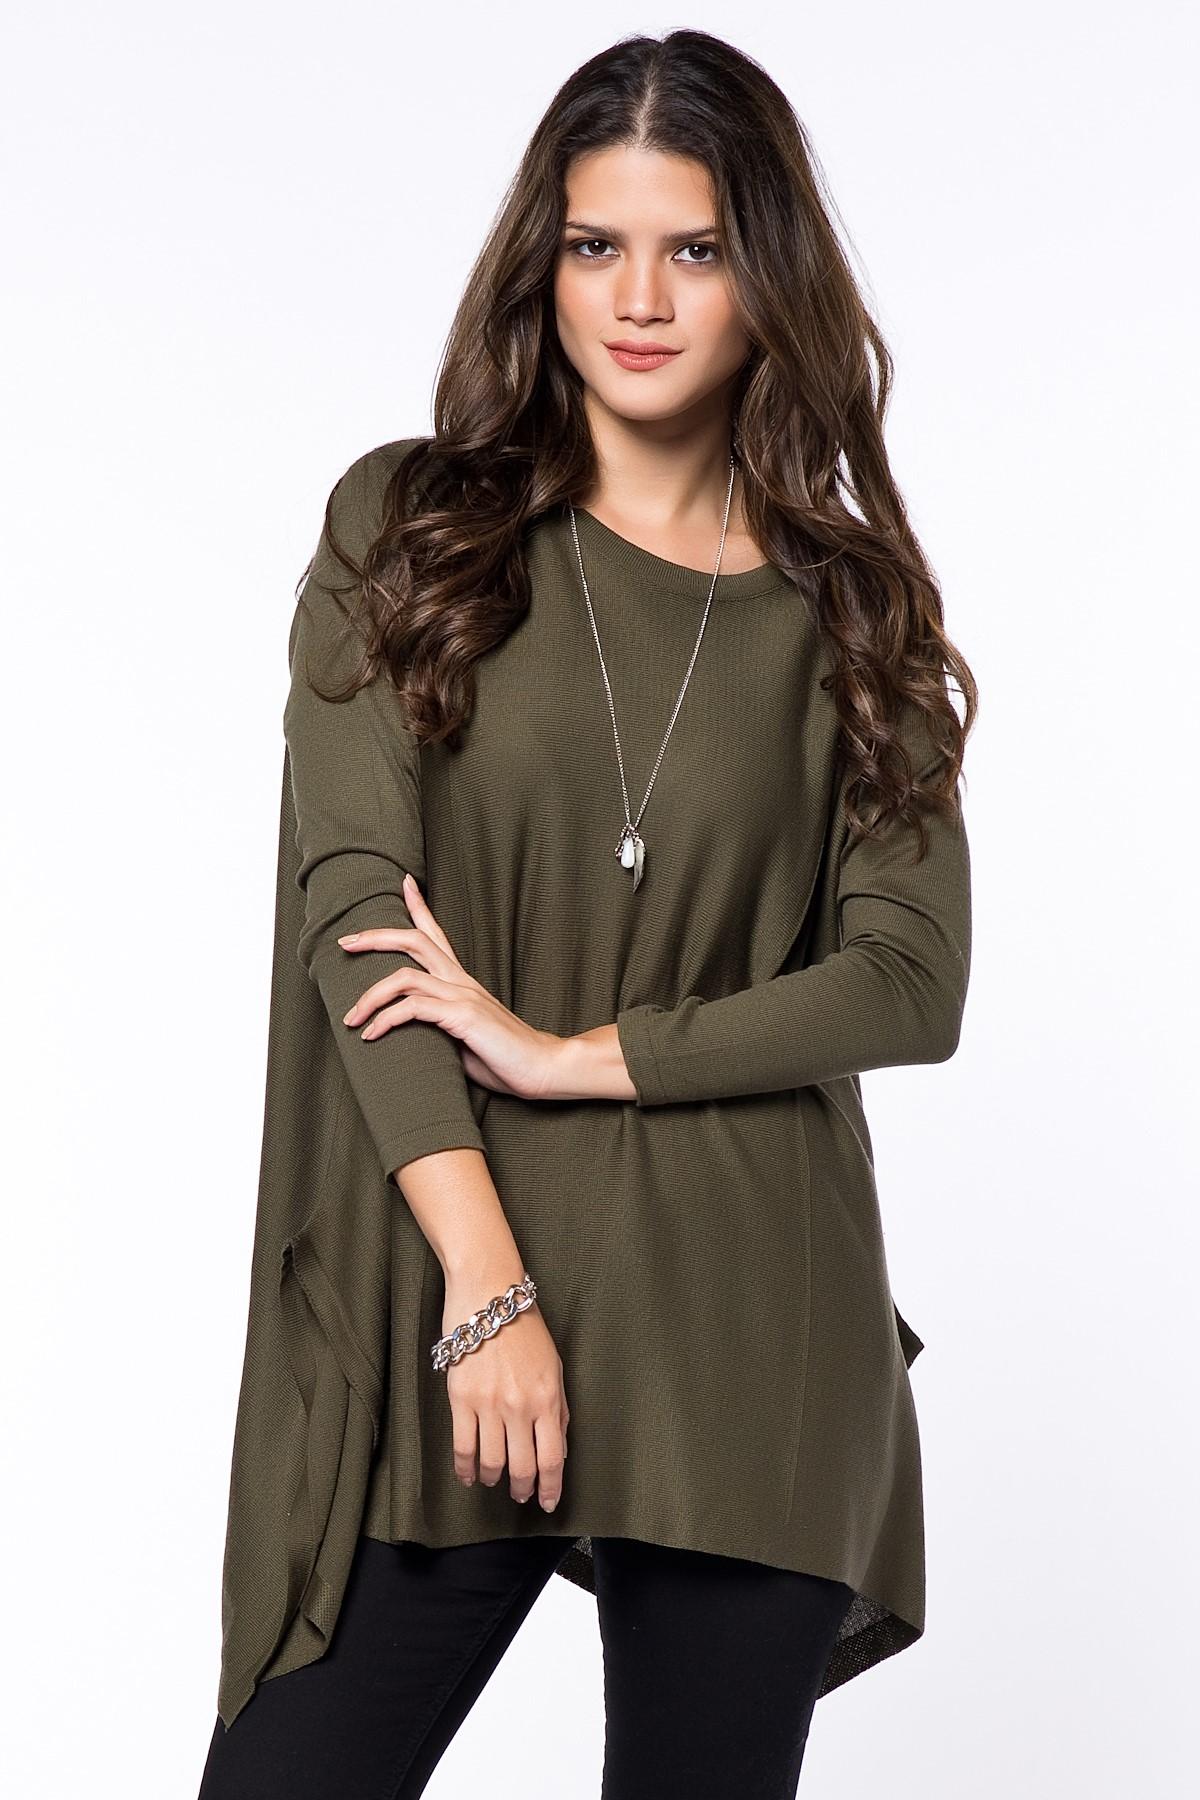 بالصور ملابس حريمى شتوى , اجمل واروع الملابس الشتوية للنساء 3200 9